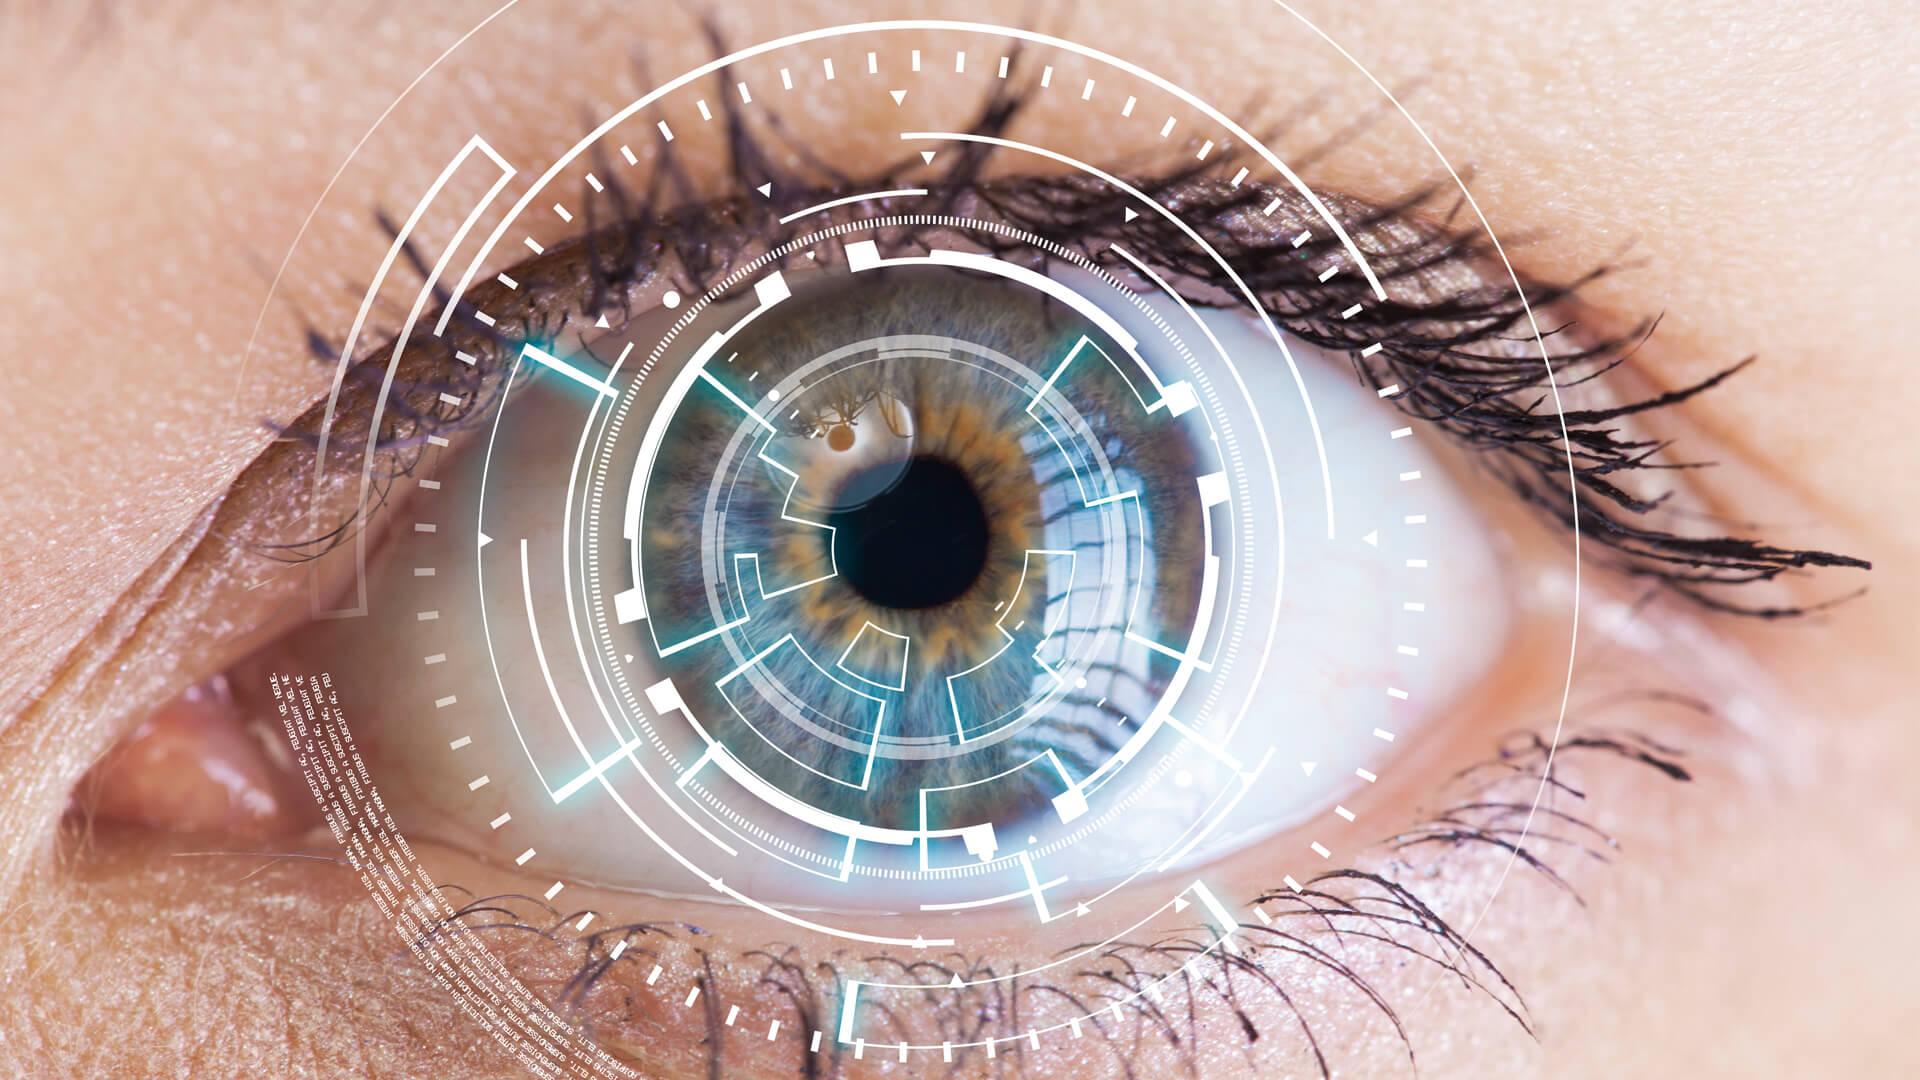 Что ощущают пациенты во время лазерной коррекции зрения и больно ли её делать